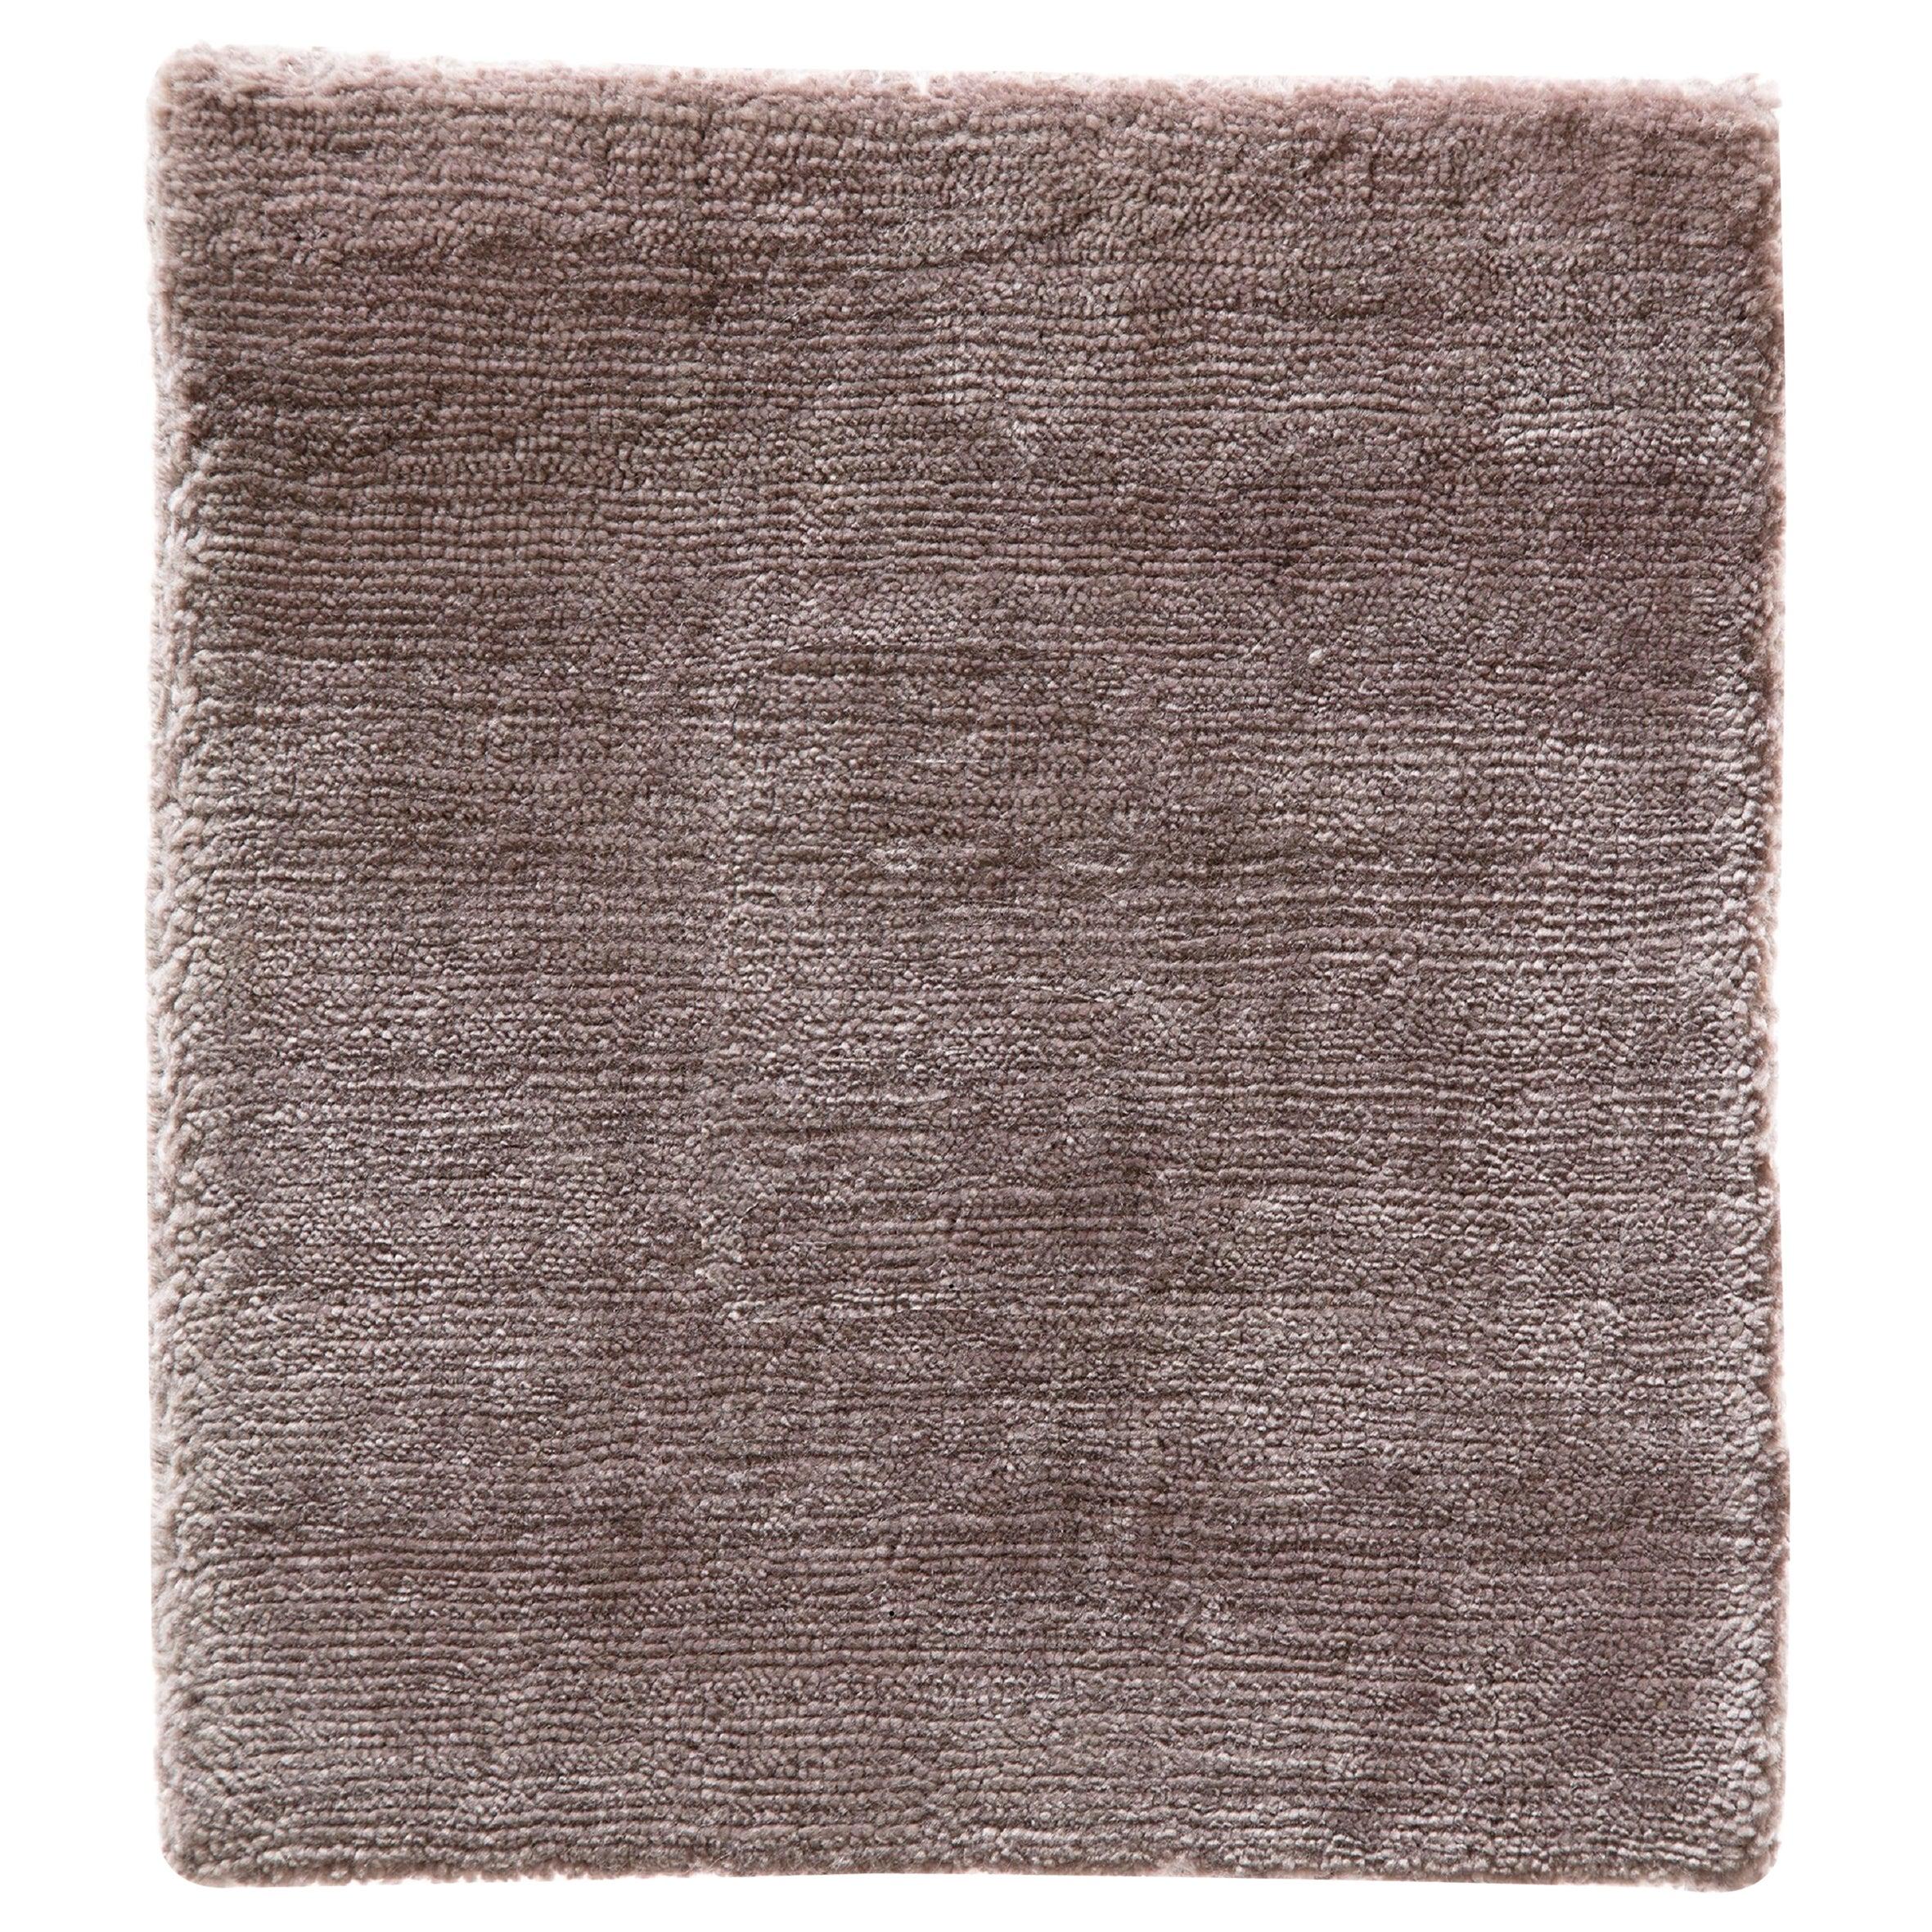 Blush Rose Soft Bamboo Silk Modern Plush Rug